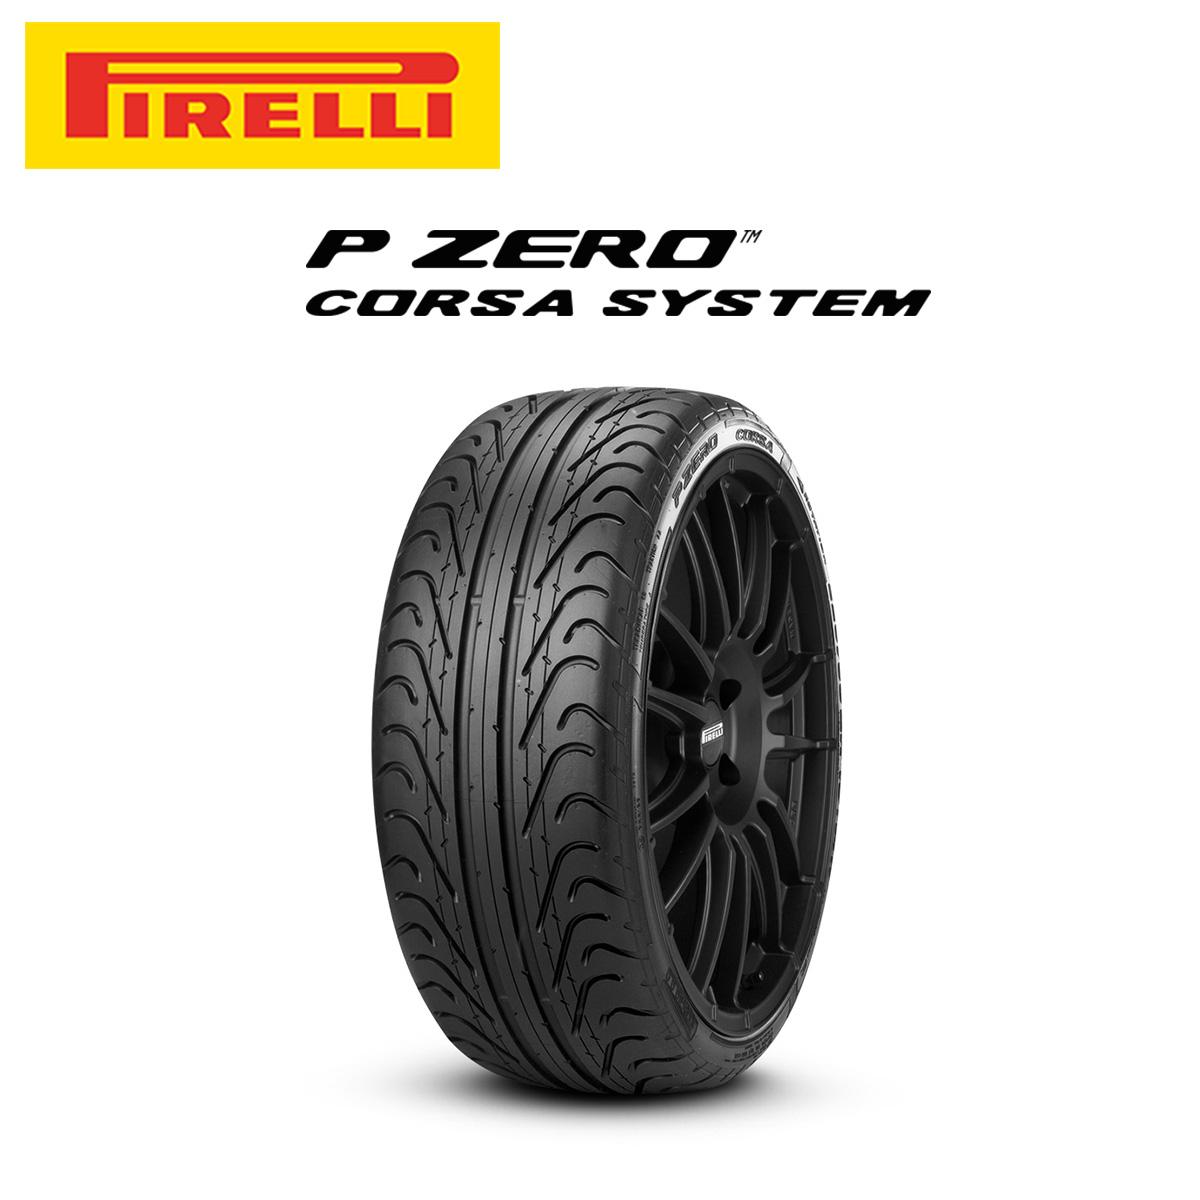 ピレリ PIRELLI P ZERO CORSA ピーゼロコルサ 20インチ サマー タイヤ 4本 セット 305/30ZR20 103Y XL ncs MC:マクラーレン承認タイヤ 2649600